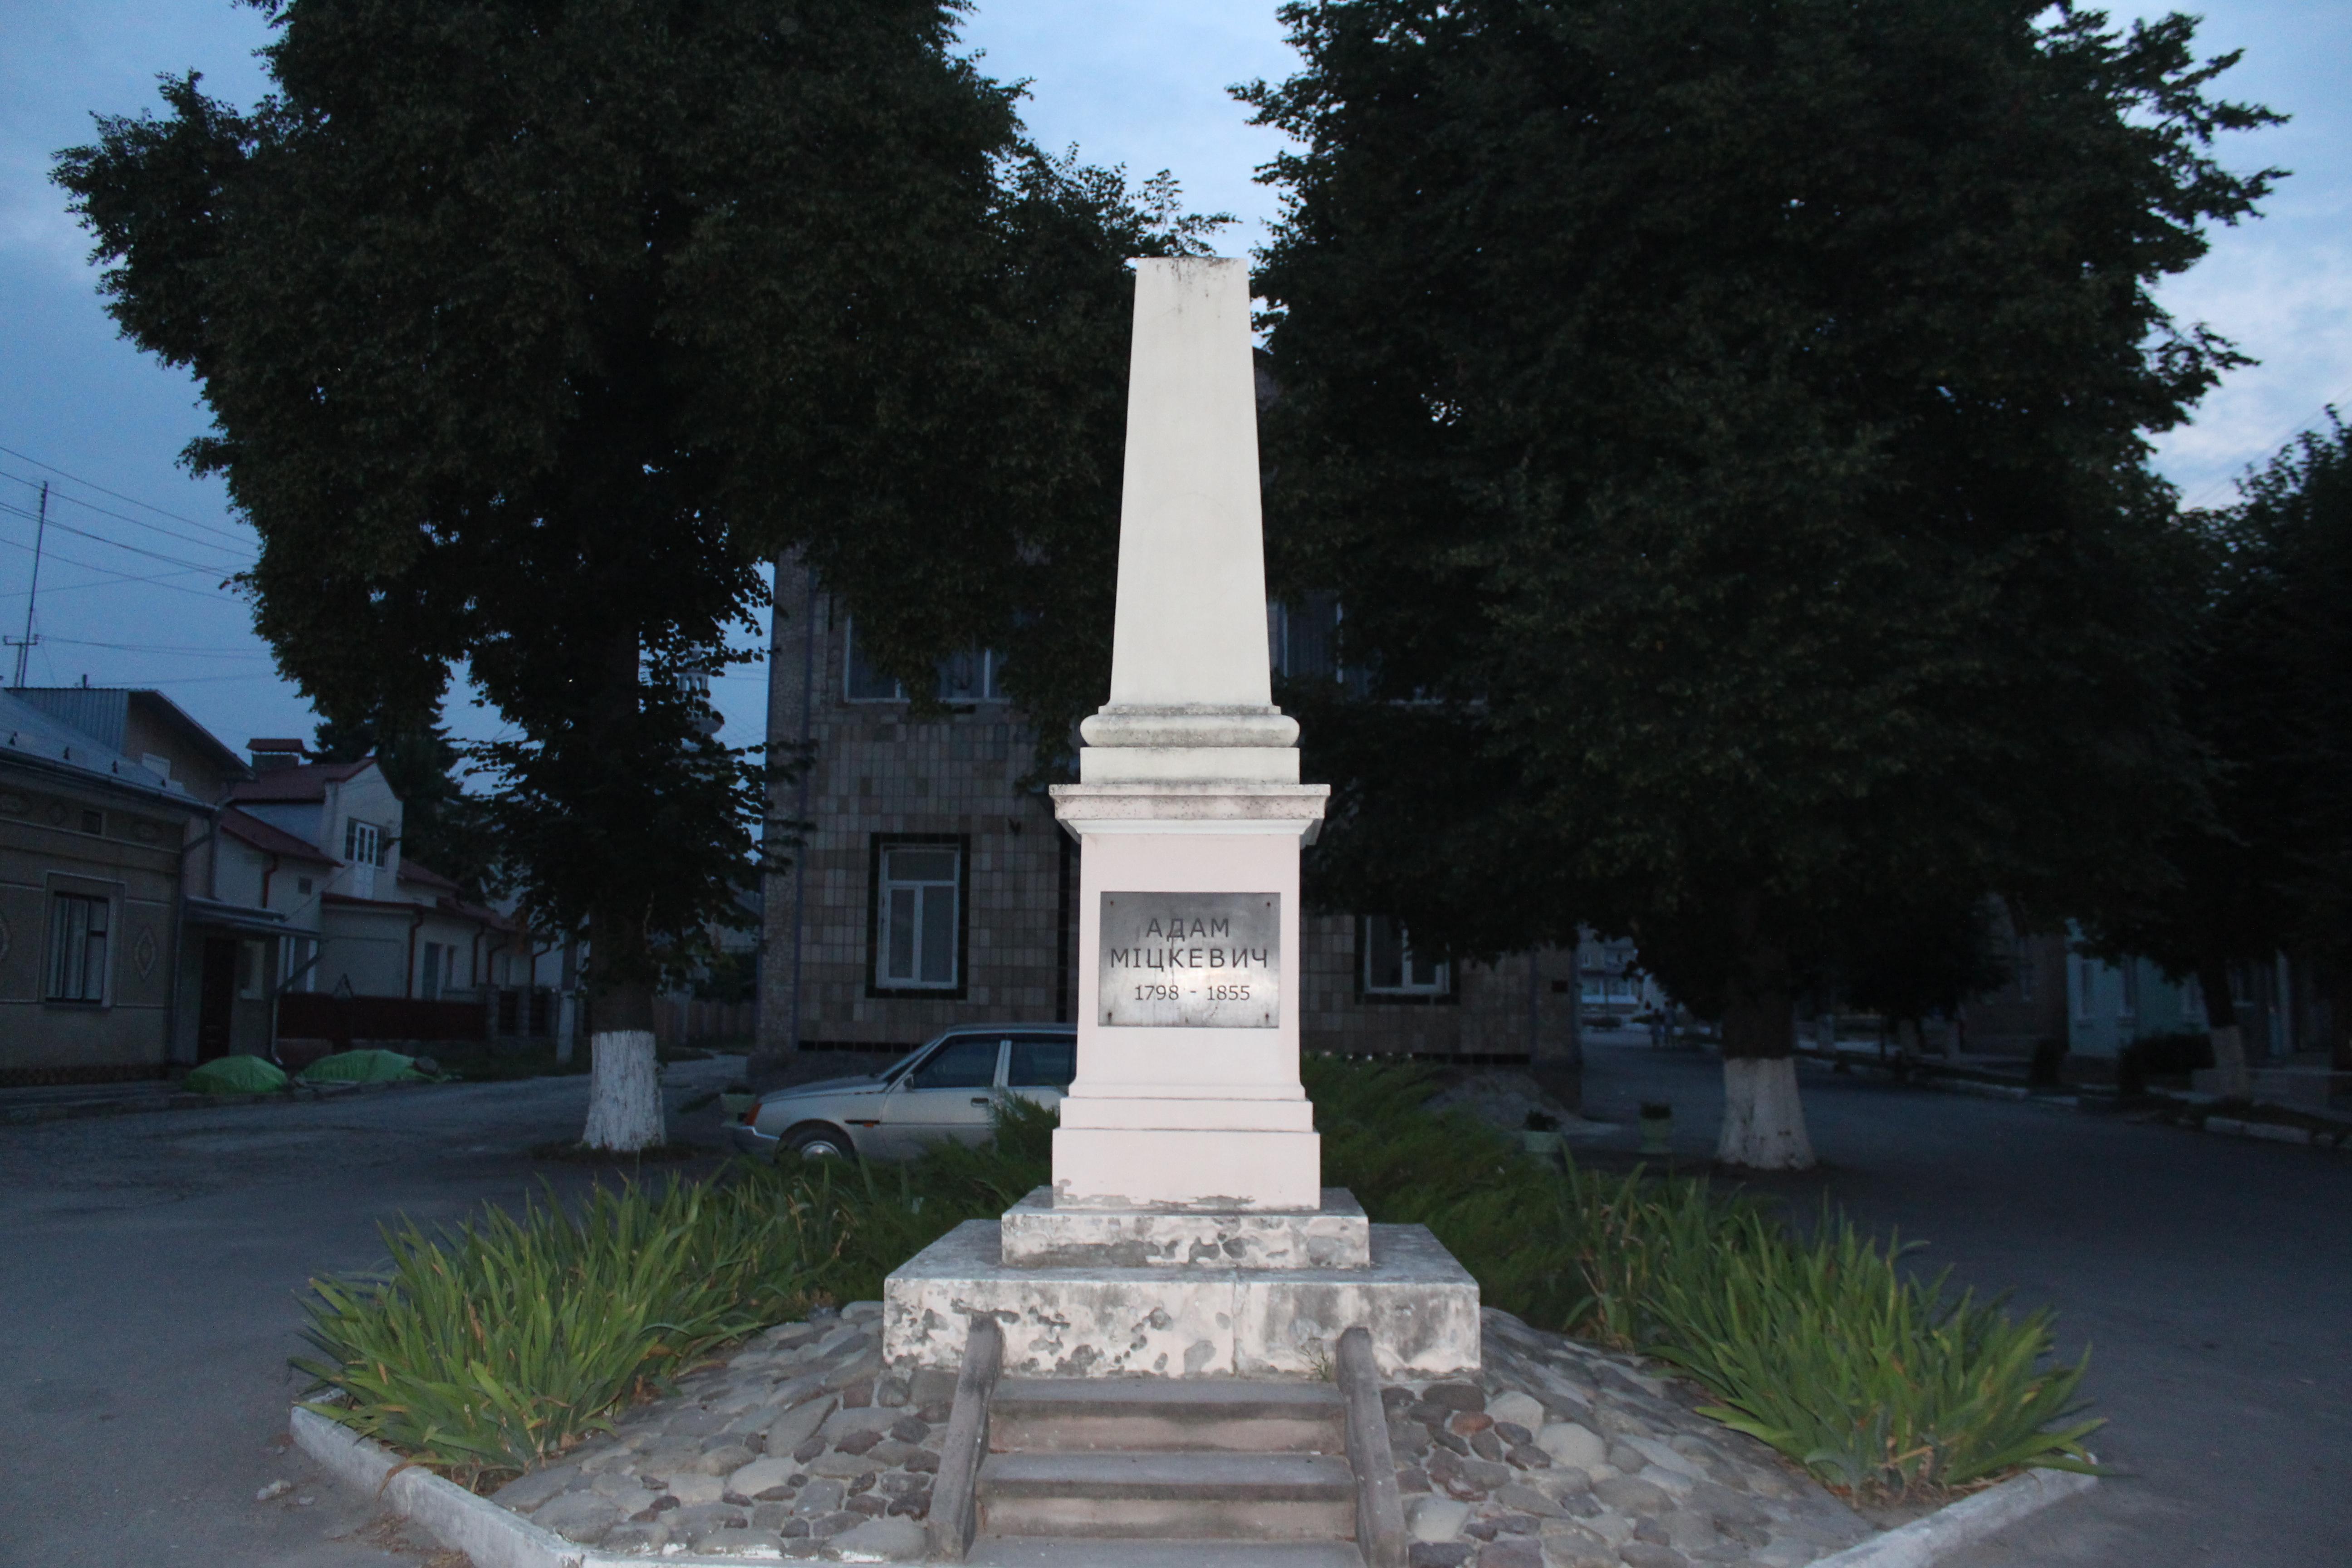 Немає підстав стверджувати, що виявлені під зруйнованим пам'ятником у Грушовичах останки належать членам УПА, - заступник директора Інституту нацпам'яті Польщі Швагжик - Цензор.НЕТ 2181